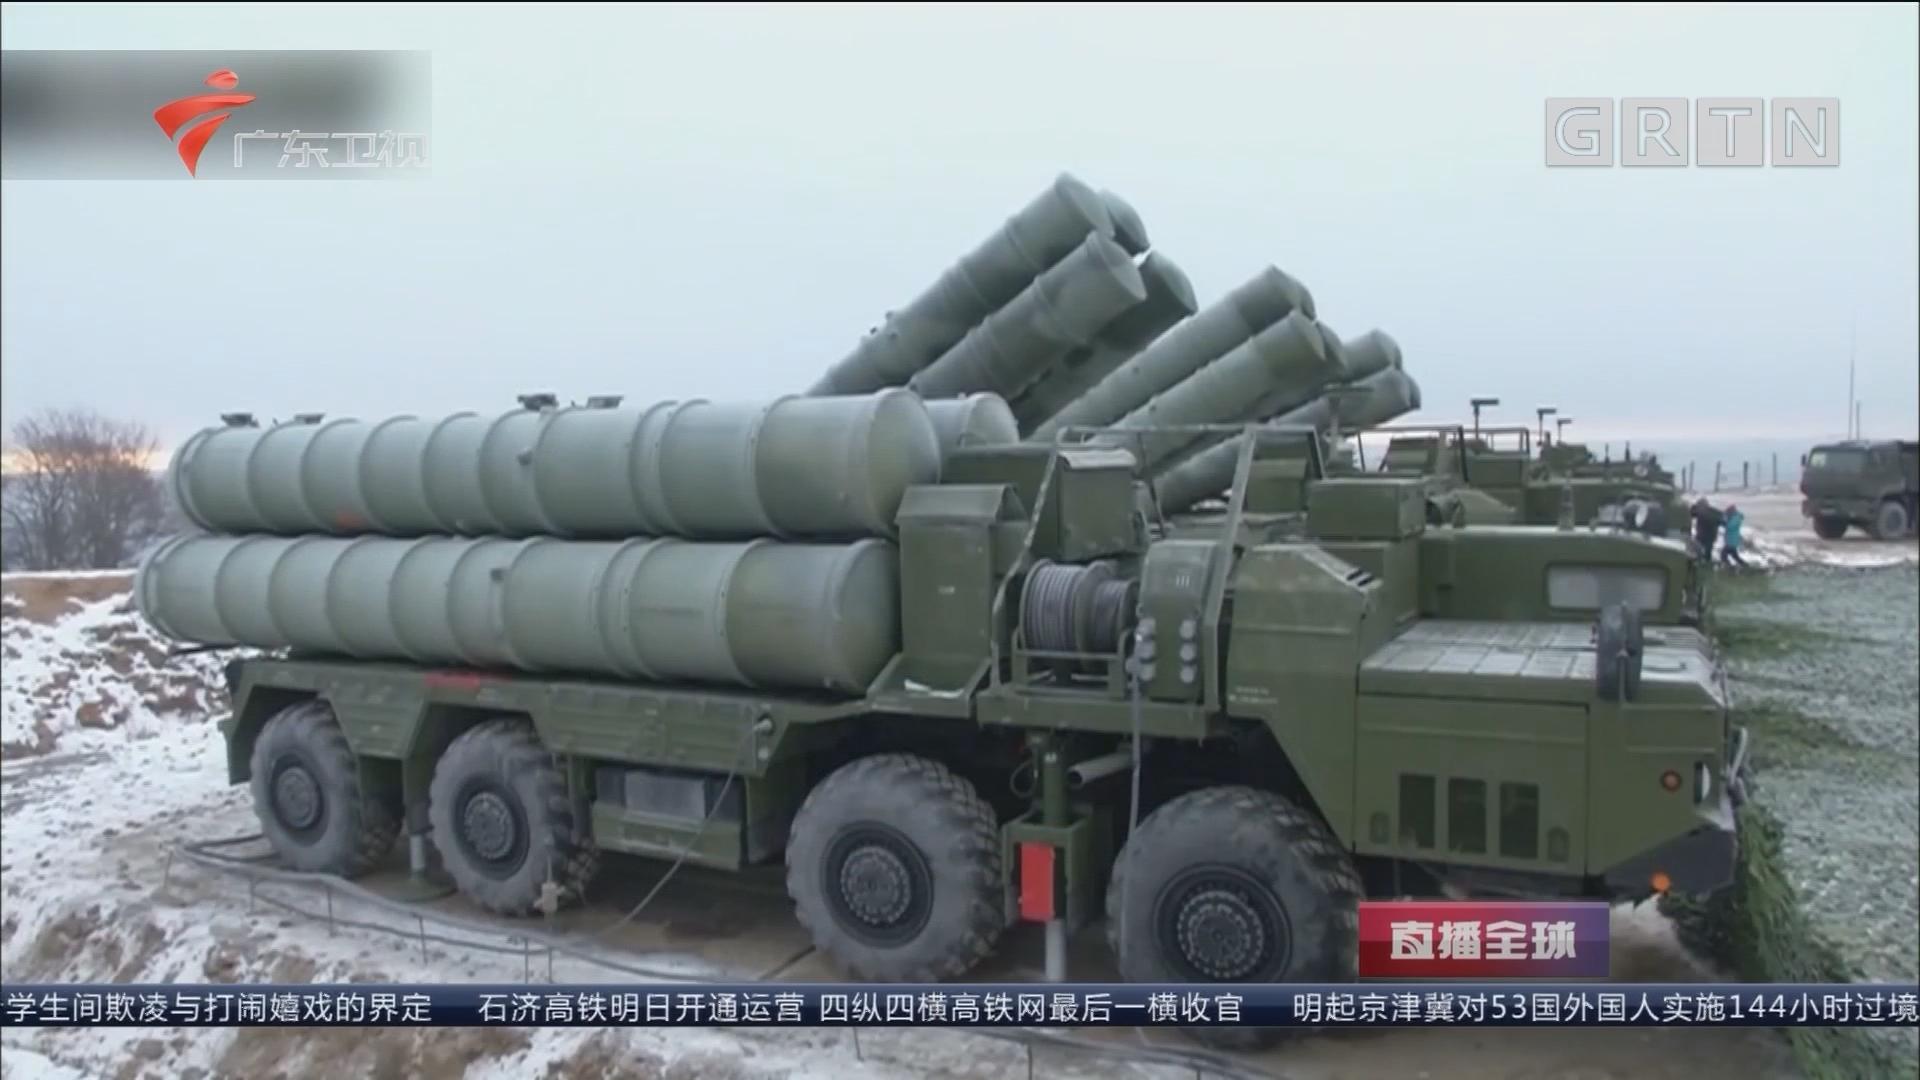 俄在远东部署S400防空导弹:应对朝鲜导弹发射失败或失误